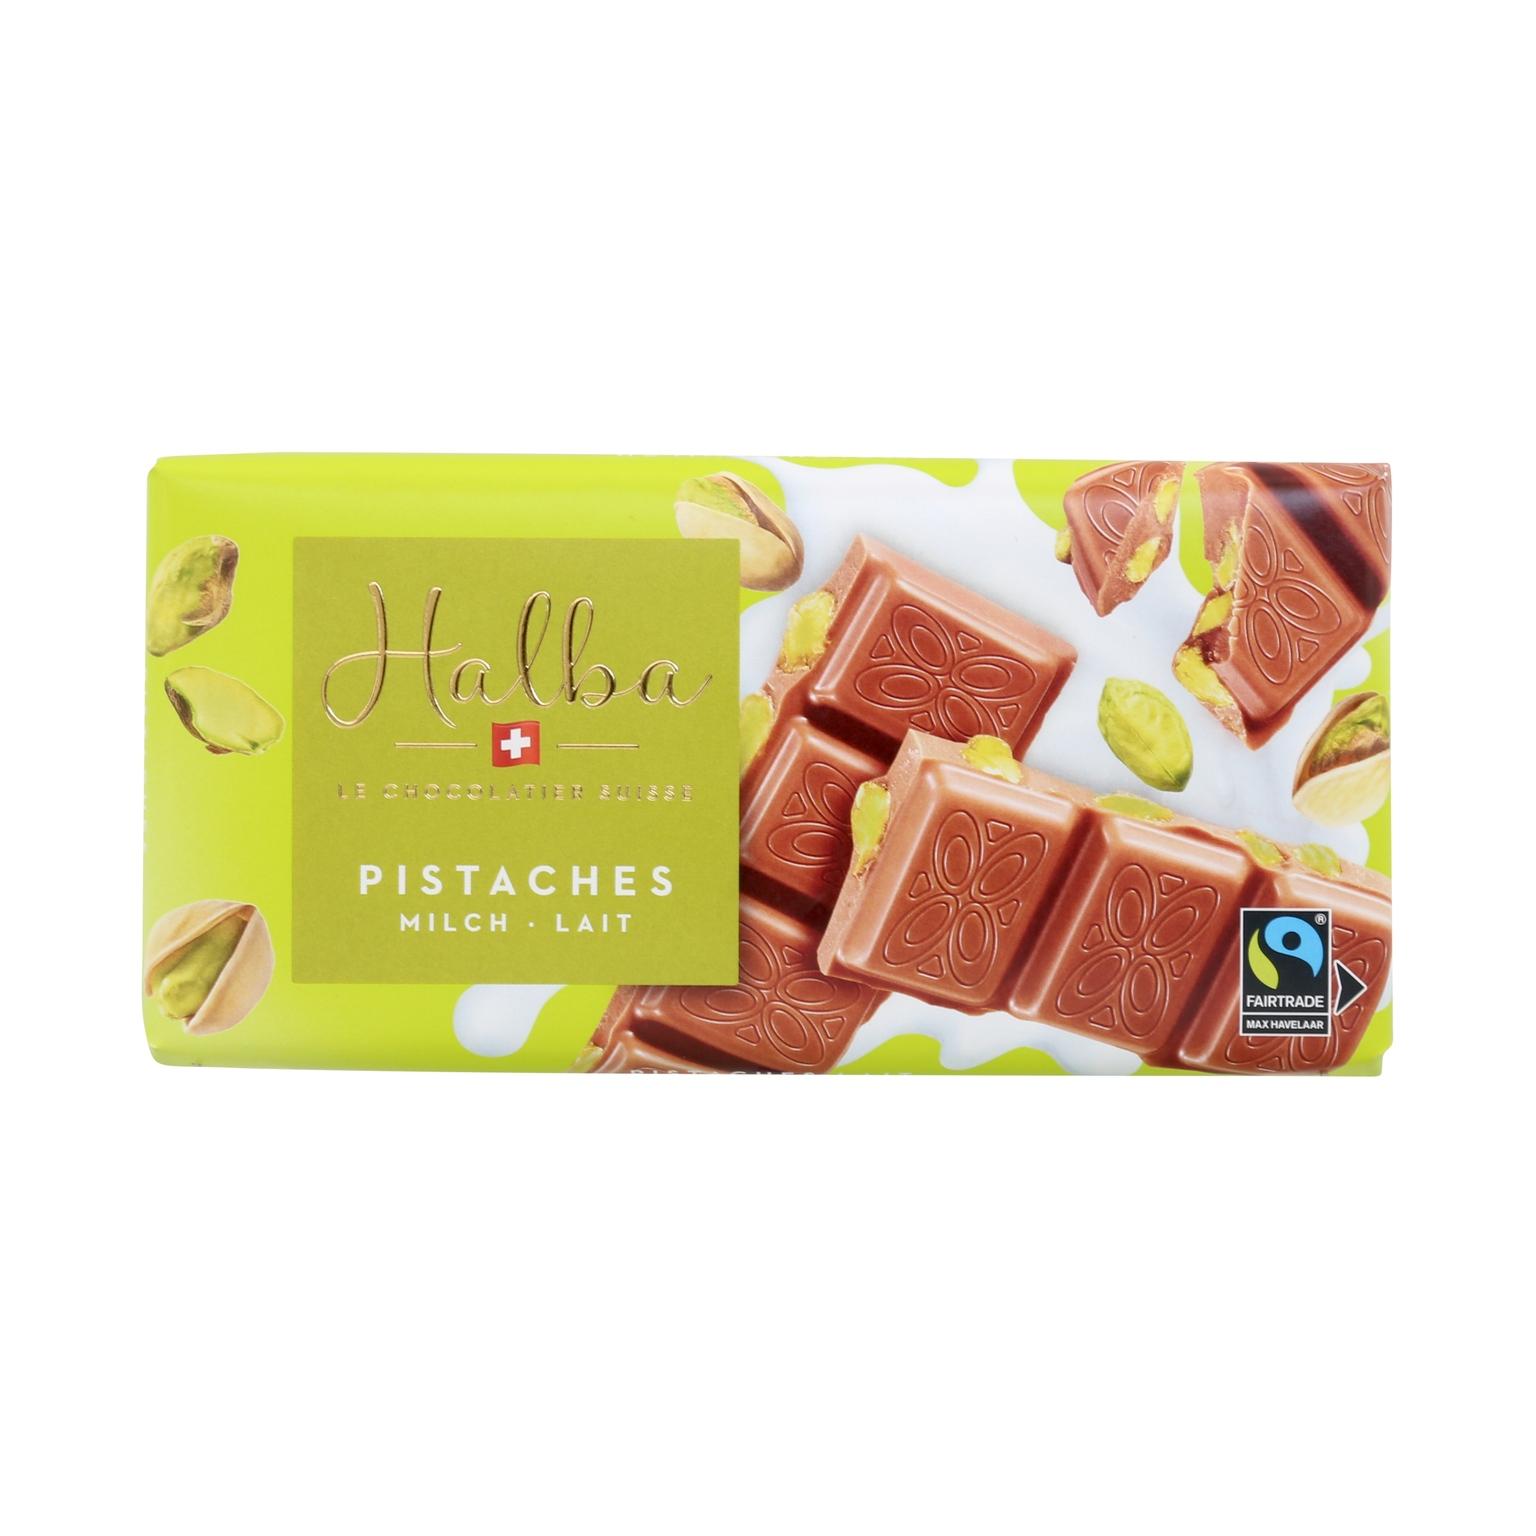 Schweizer Milchschokolade mit karamellisierten, gesalzenen Pistazien